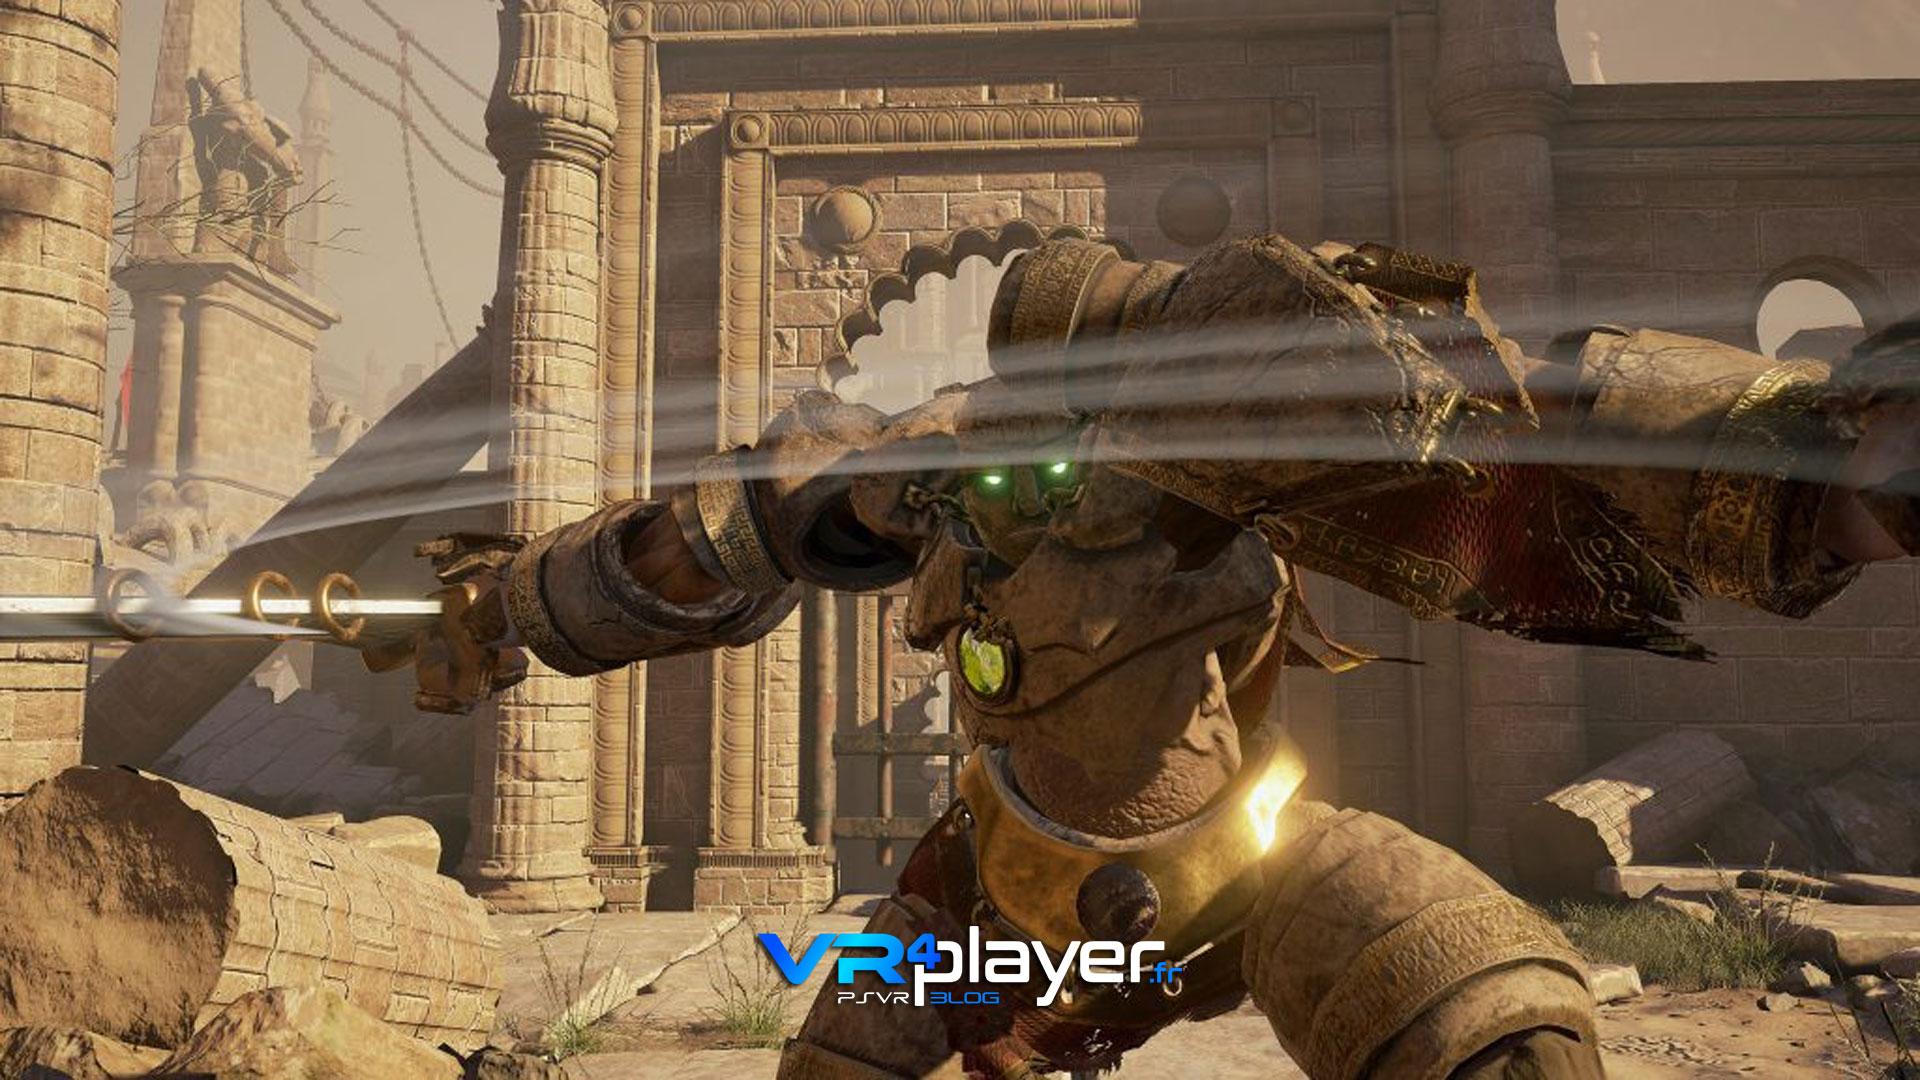 Golem toujours prévu pour 2018 sur PSVR vr4player.fr